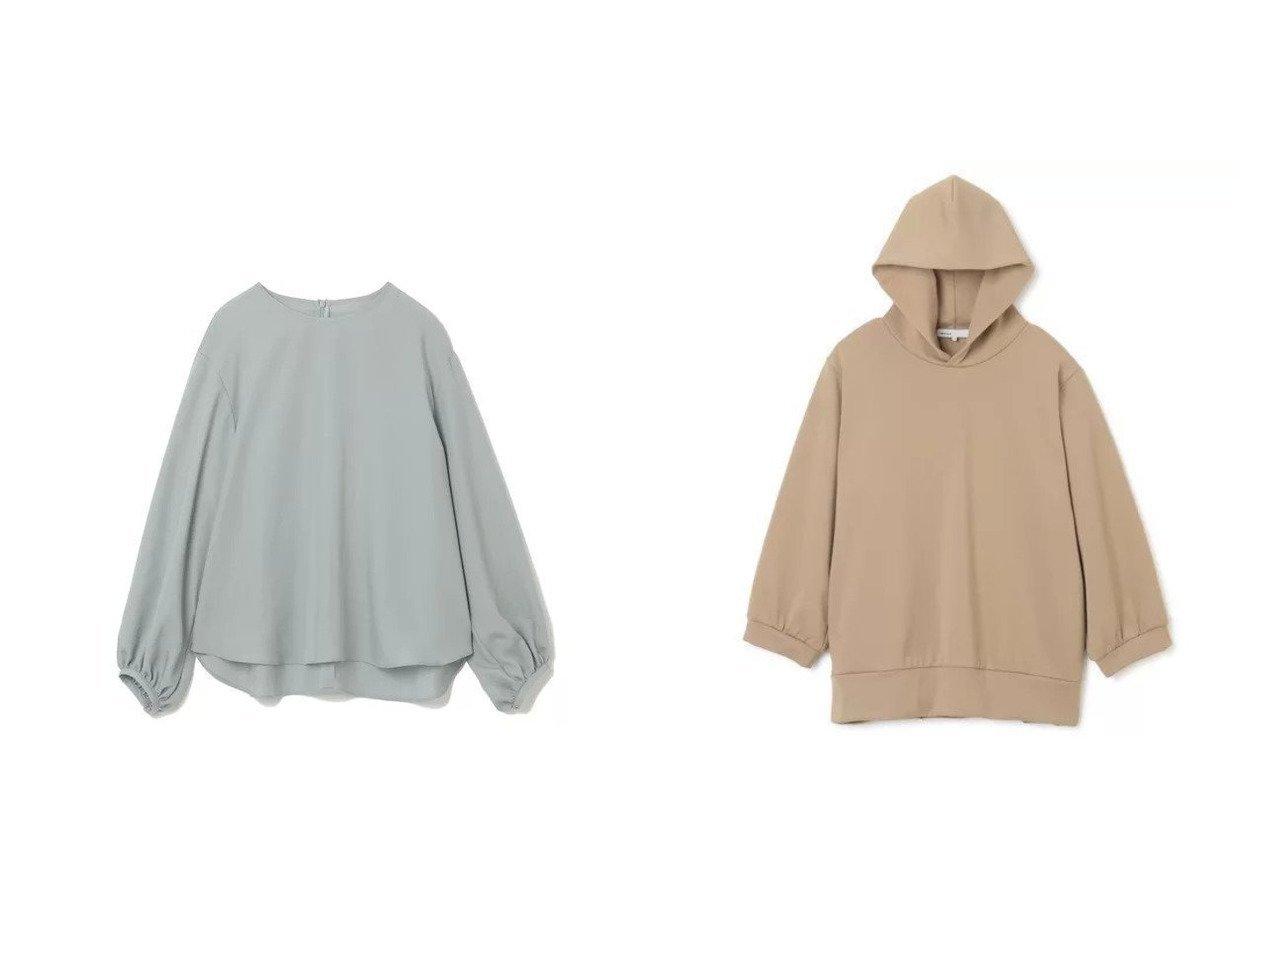 【08sircus/ゼロエイトサーカス】のCompact terry gather sleeve hoodie&【M7days/エムセブンデイズ】の袖ボリュームブラウス トップス・カットソーのおすすめ!人気、トレンド・レディースファッションの通販 おすすめで人気の流行・トレンド、ファッションの通販商品 メンズファッション・キッズファッション・インテリア・家具・レディースファッション・服の通販 founy(ファニー) https://founy.com/ ファッション Fashion レディースファッション WOMEN トップス Tops Tshirt シャツ/ブラウス Shirts Blouses パーカ Sweats スウェット Sweat トレンド ボトム 長袖 ギャザー コンパクト スウェット パーカー 軽量  ID:crp329100000009289